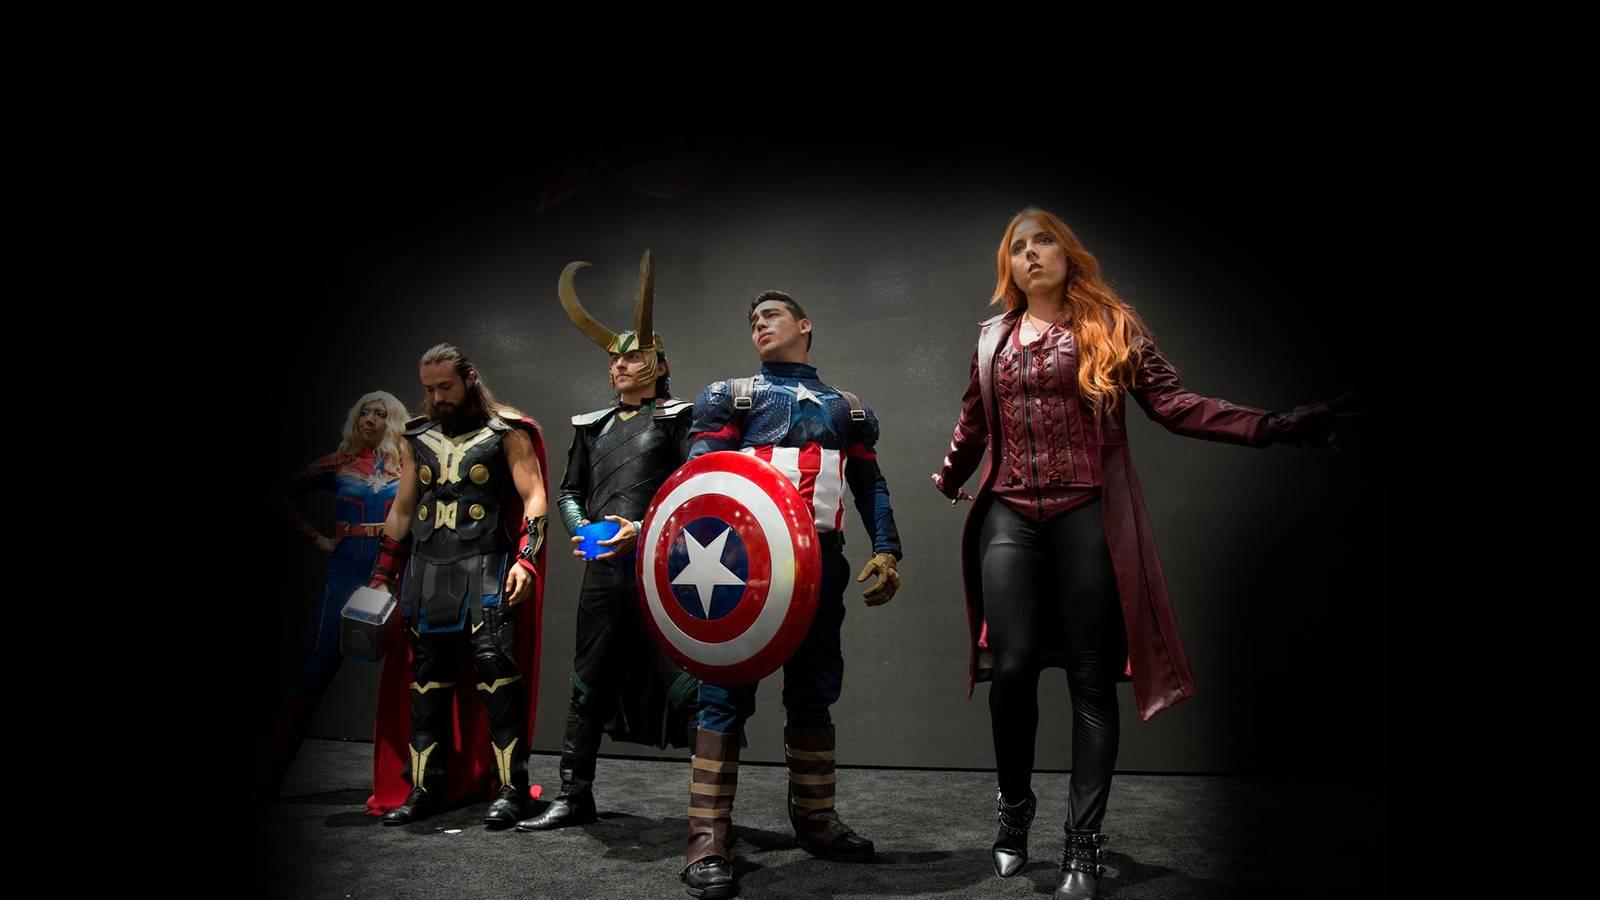 Mississippi Comic Con - Saturday